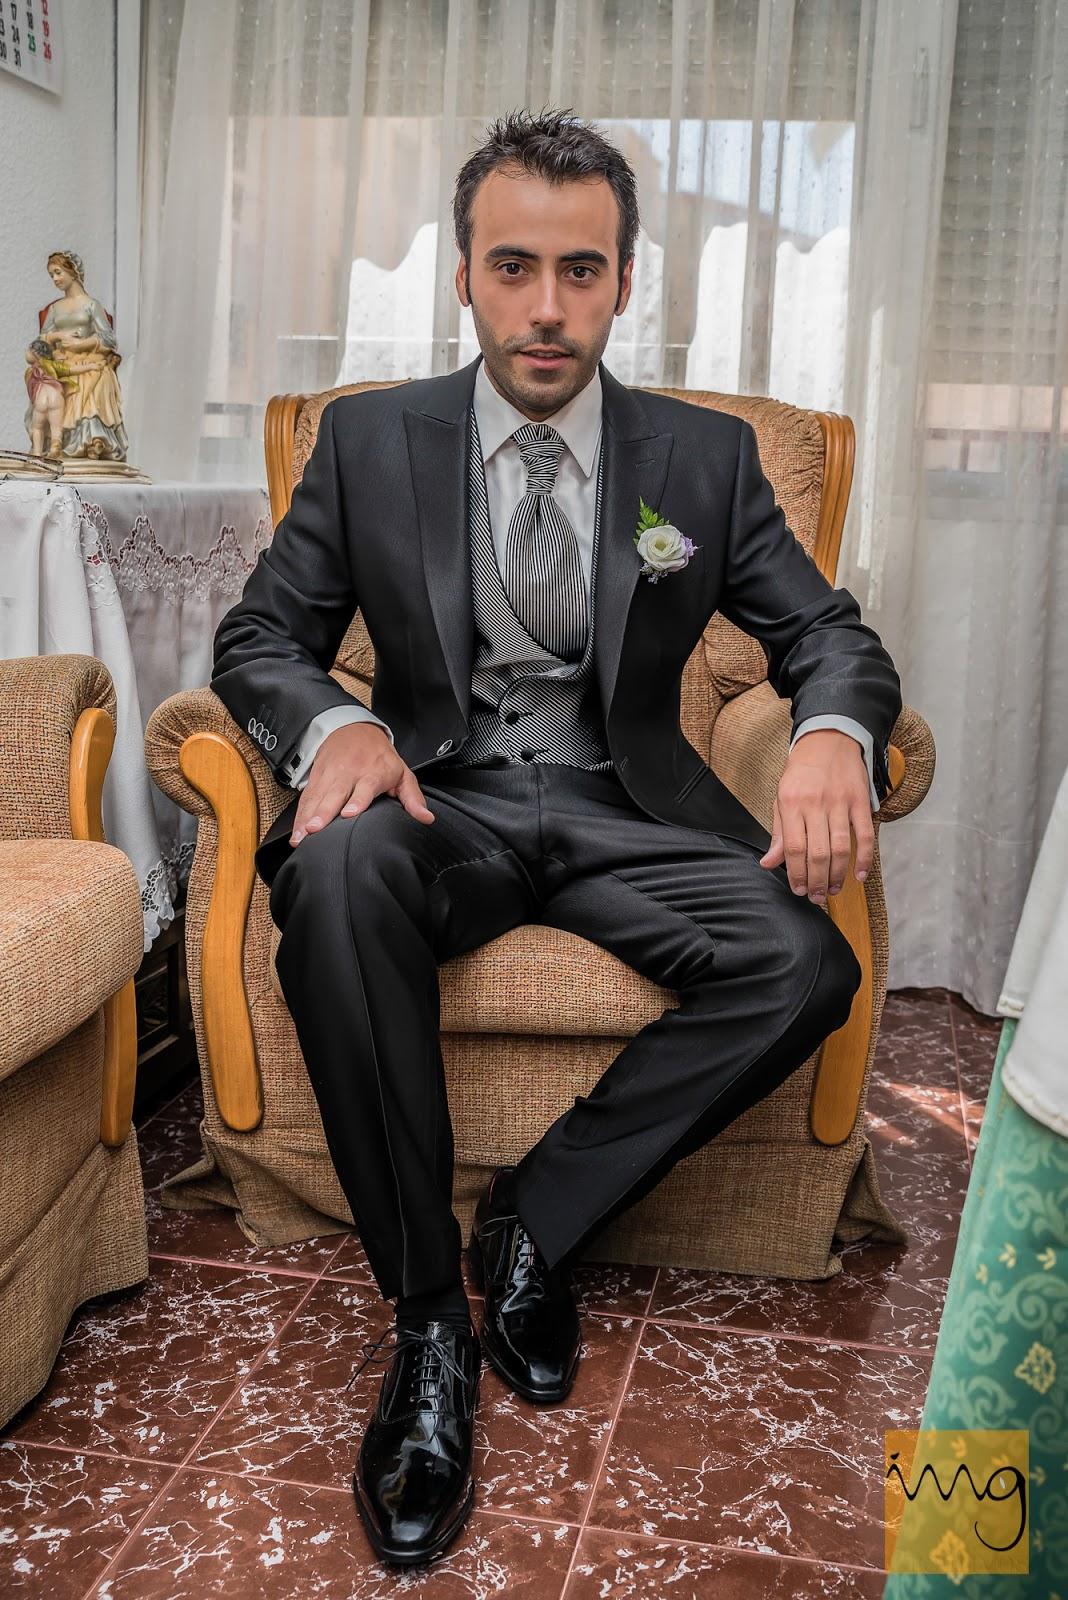 Fotografía del novio sentado